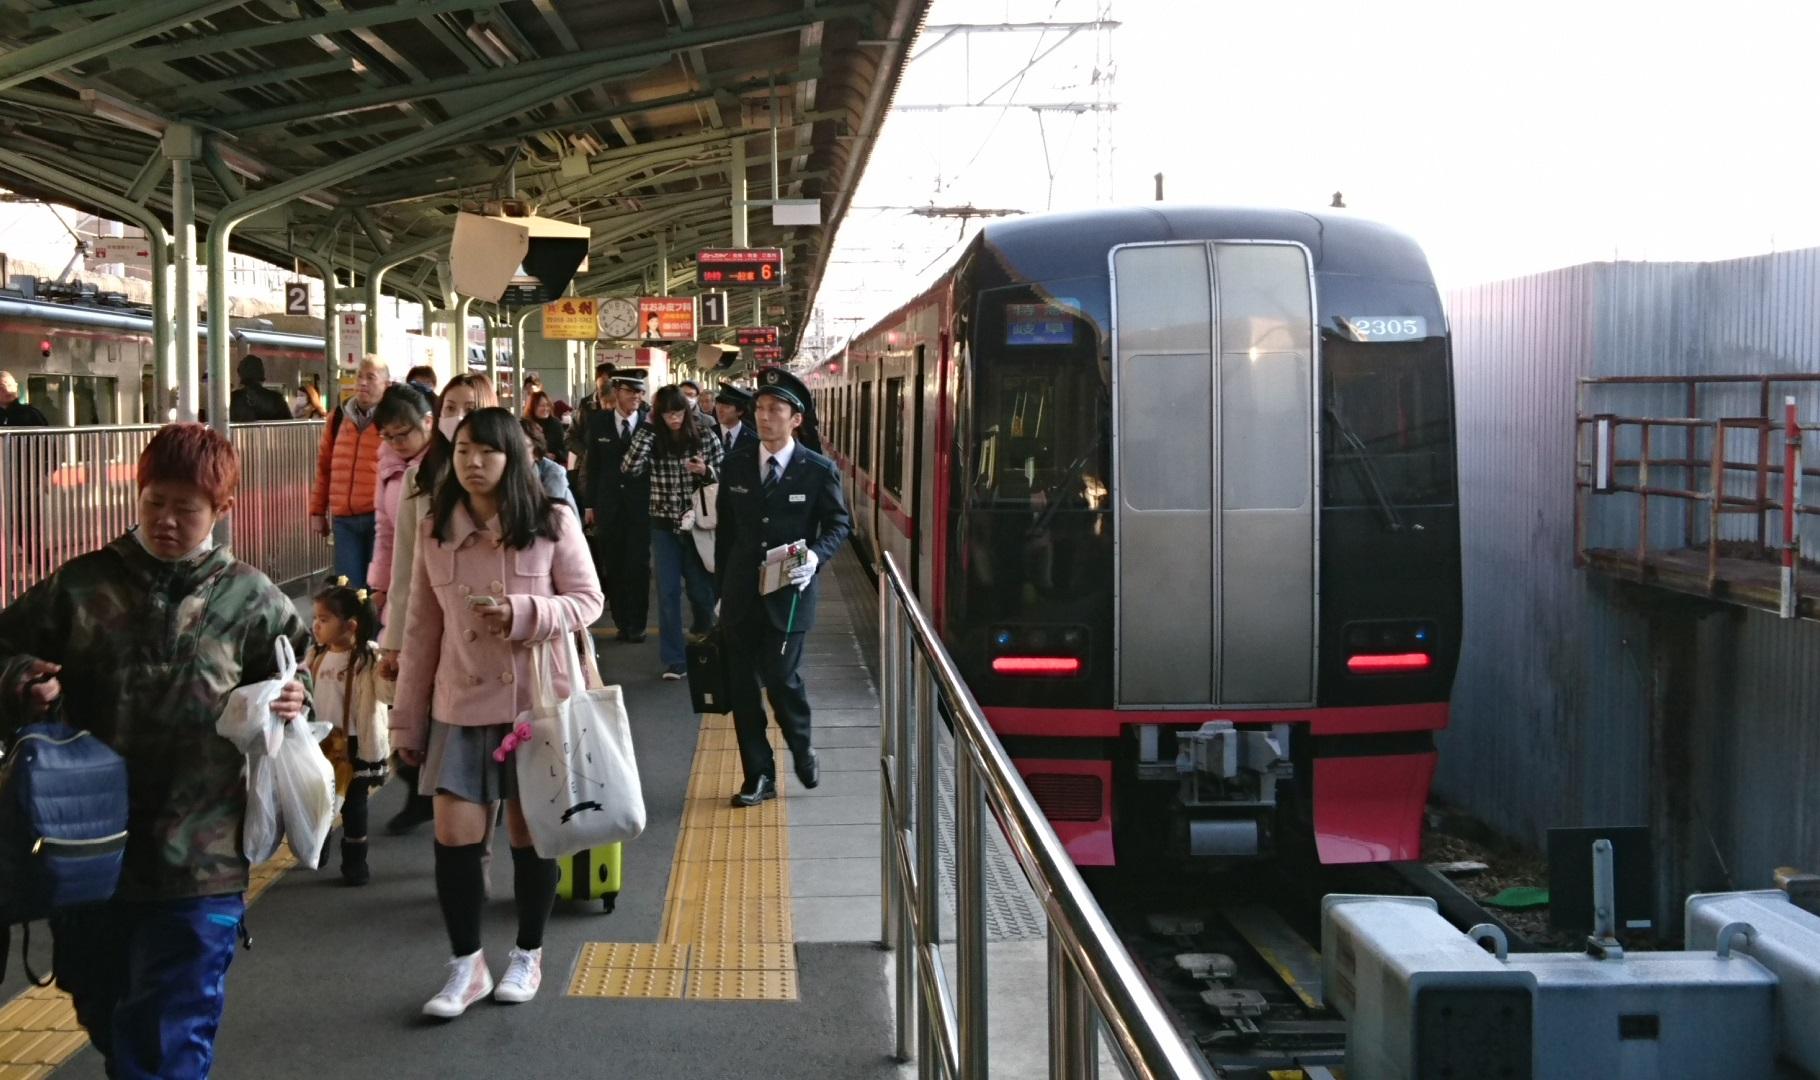 2017.1.3 岐阜から古井まで (3) 岐阜 - 豊橋いき快速特急 1820-1080